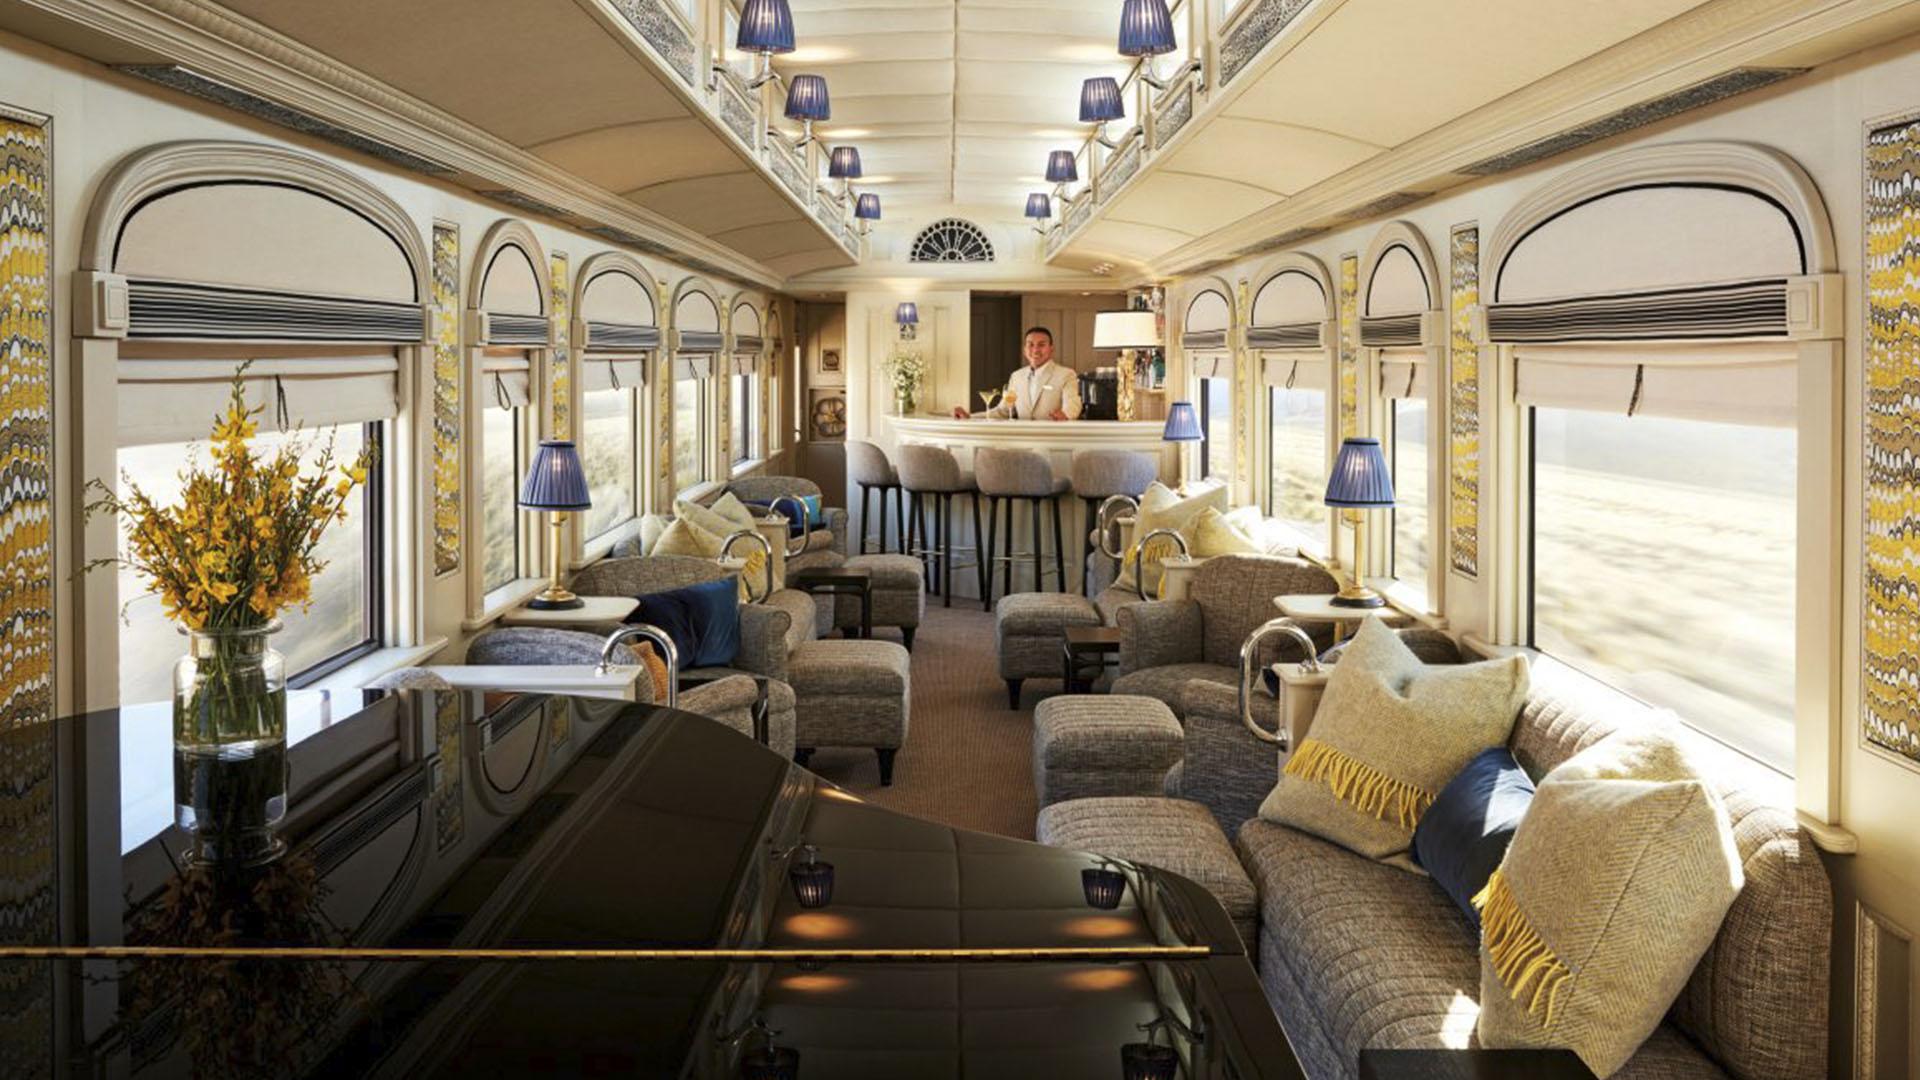 Sentir la exclusividad y la aventura de viajar en los trenes de lujo más encantadores es una experiencia que no se compara con ninguna otra